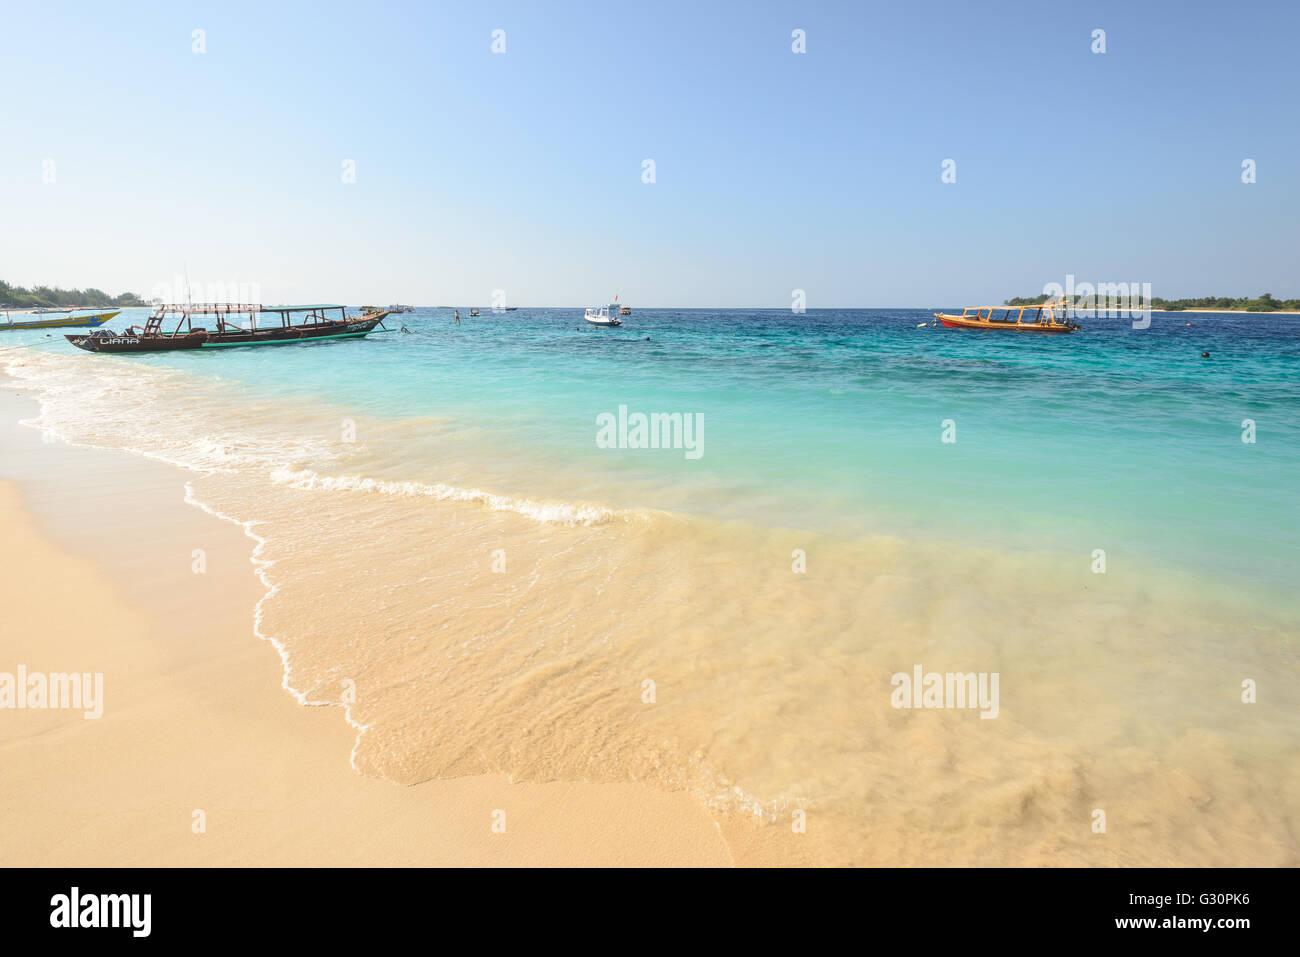 Bateaux ancrés au large de l'île de Gili Trawangan en Indonésie Photo Stock